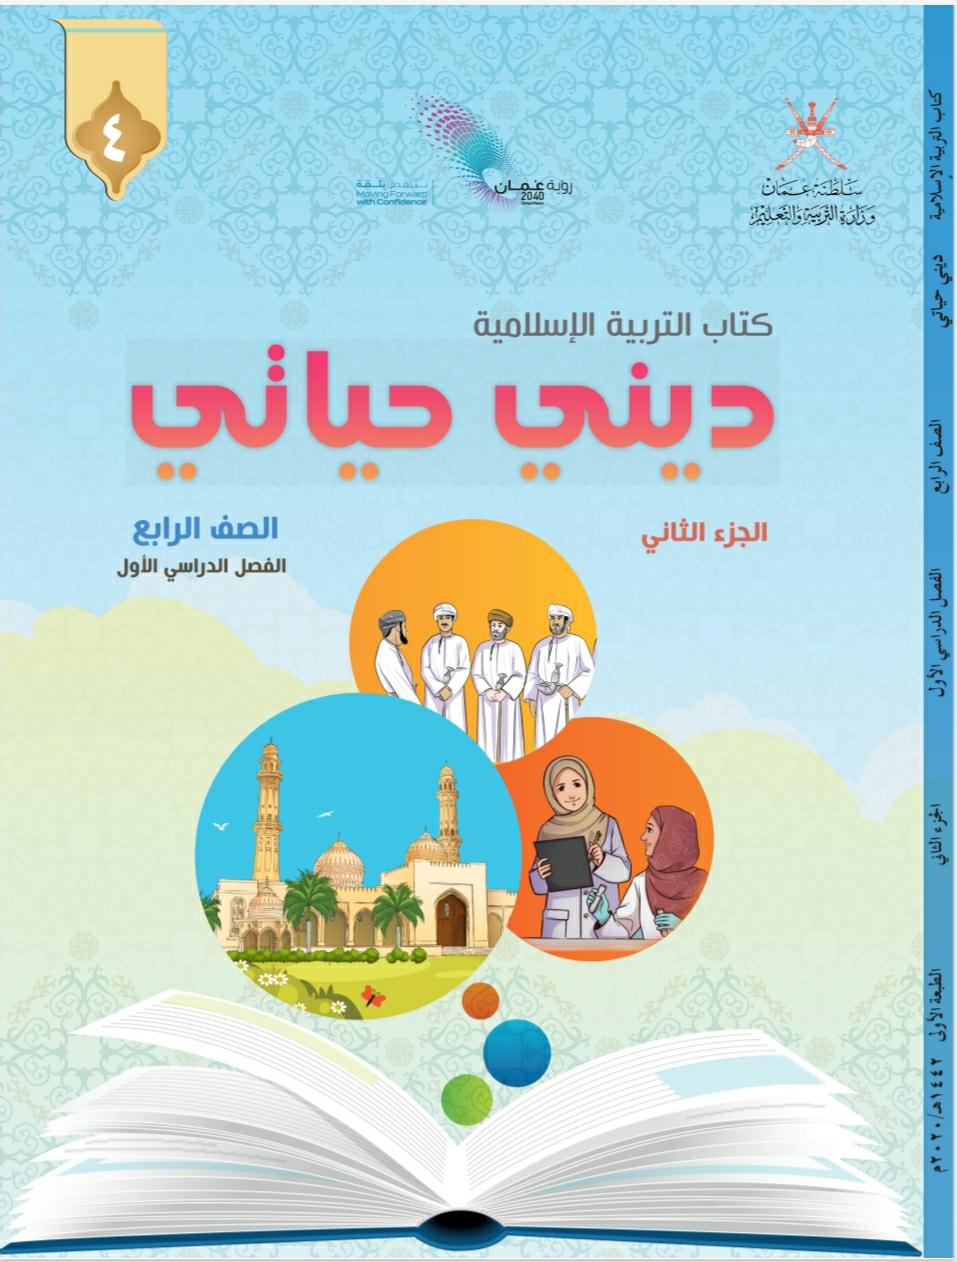 تحميل كتاب التربية الإسلامية ديني حياتي الجديد للصف الرابع الفصل الاول In 2021 Blog Posts Blog Post